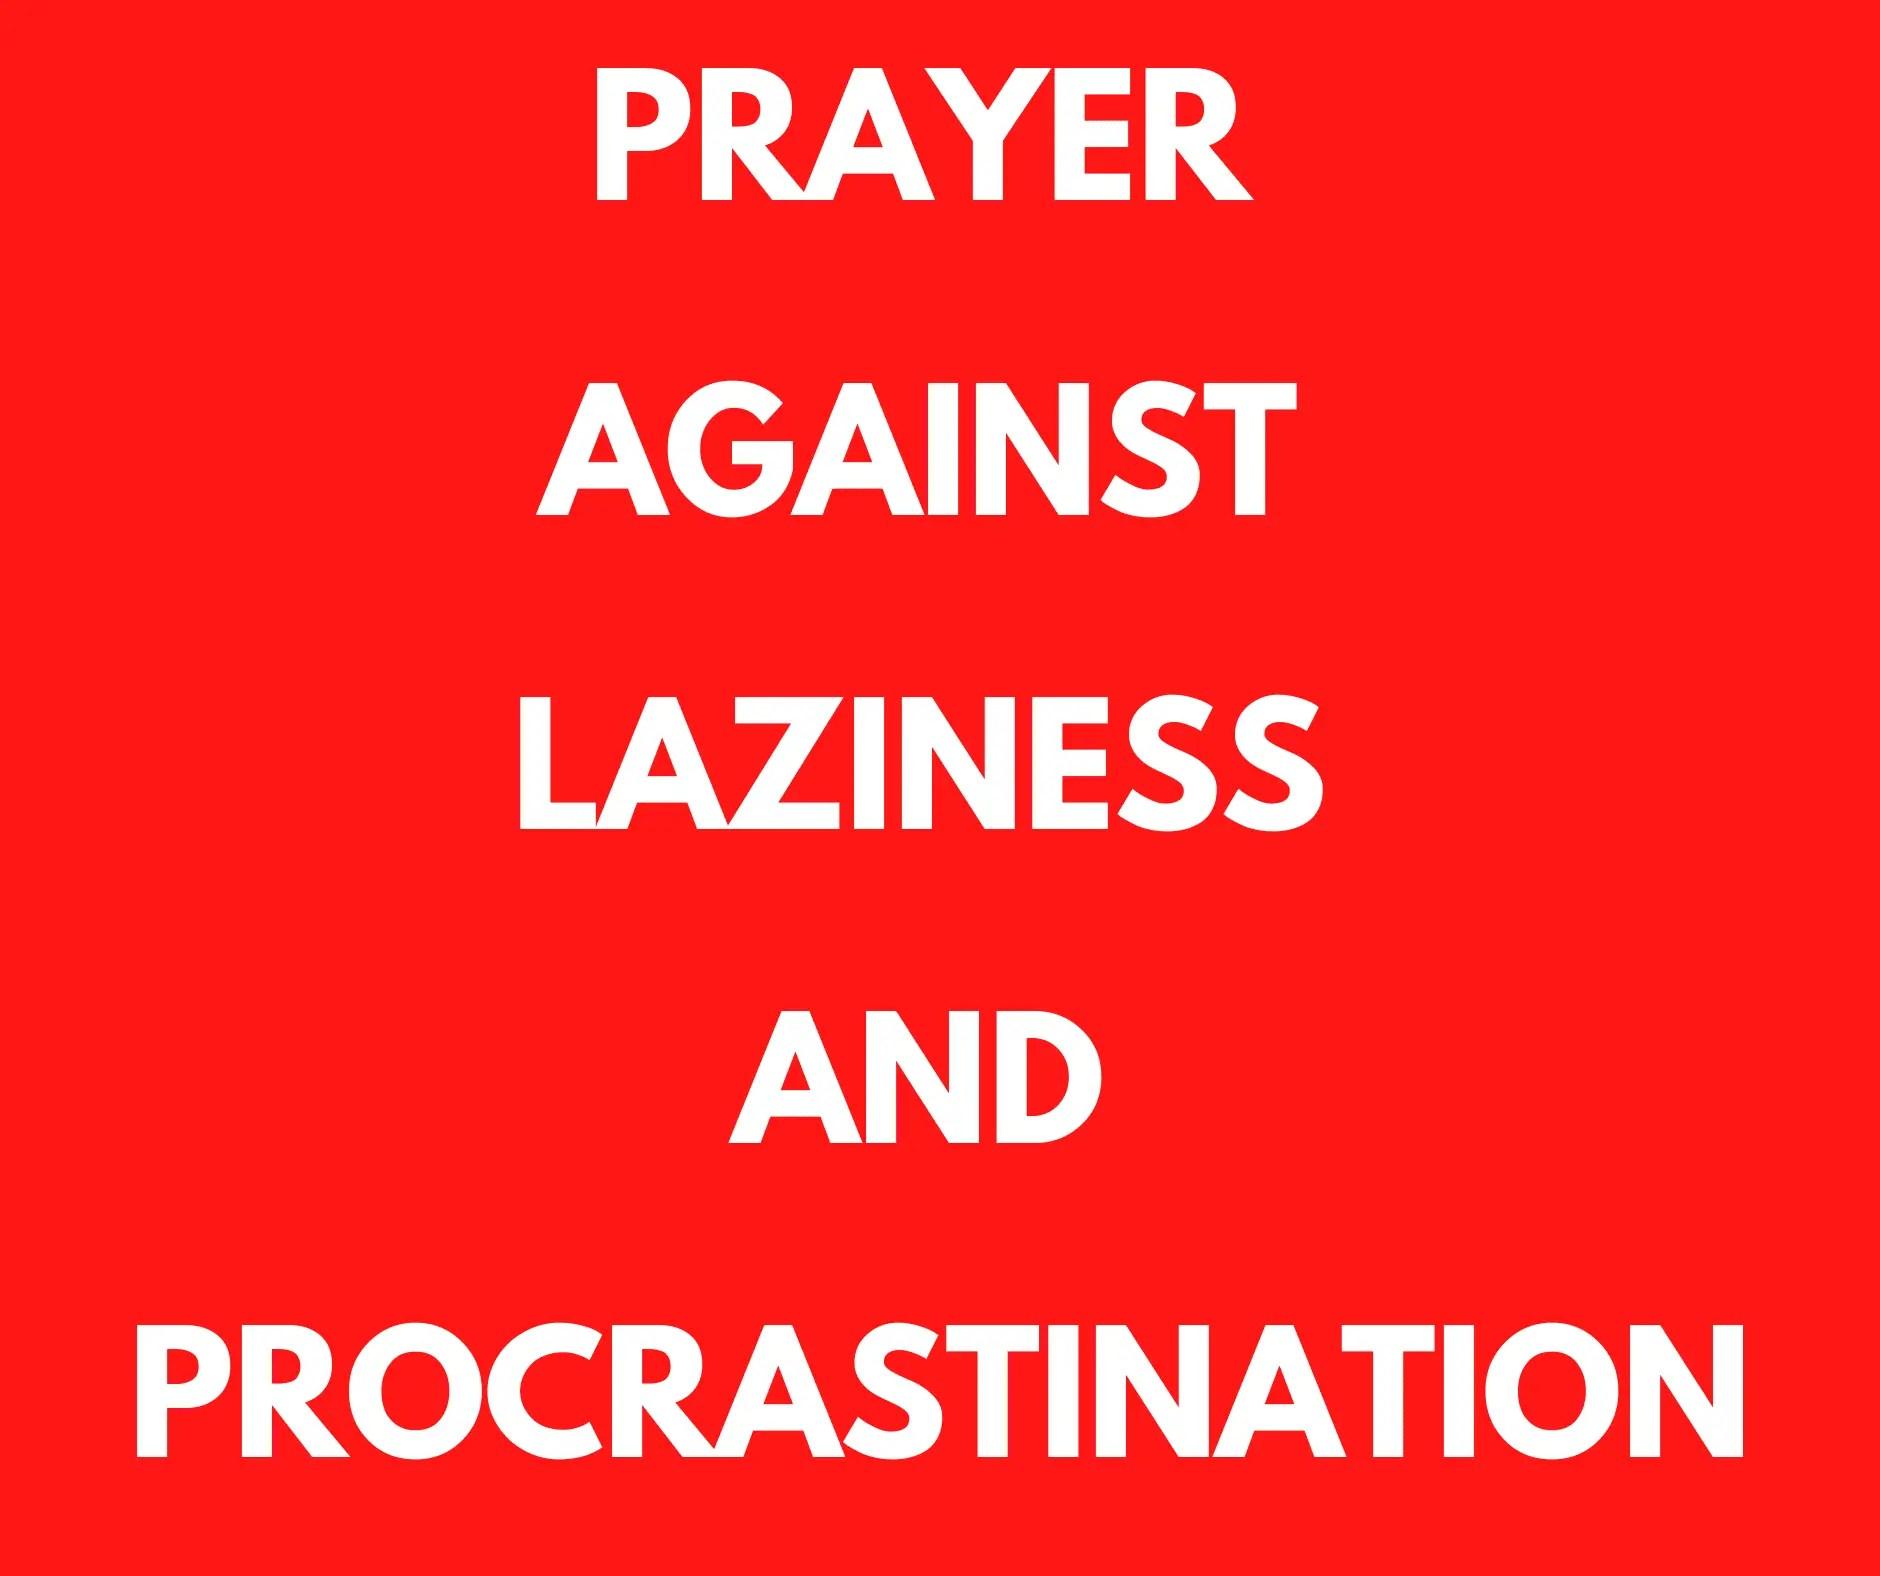 Gebede teen luiheid en uitstel